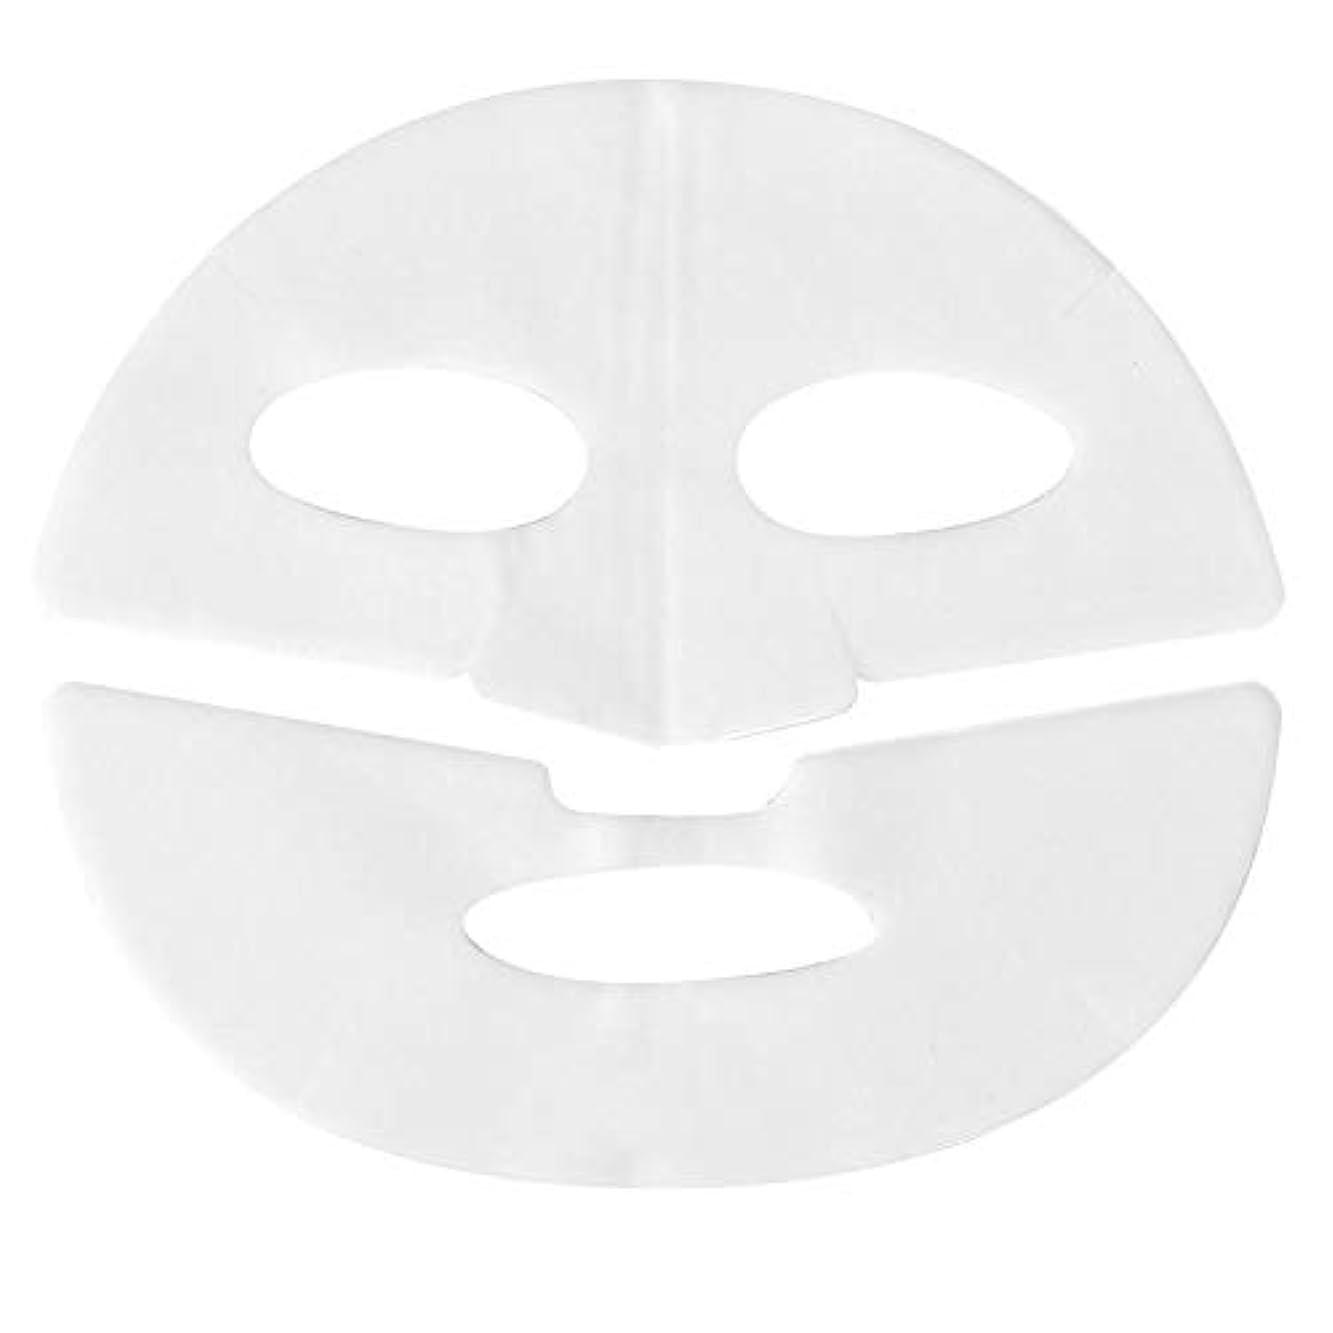 小石帝国主義クモ10 PCS痩身マスク - 水分補給用V字型マスク、保湿マスク - 首とあごのリフト、アンチエイジング、しわを軽減